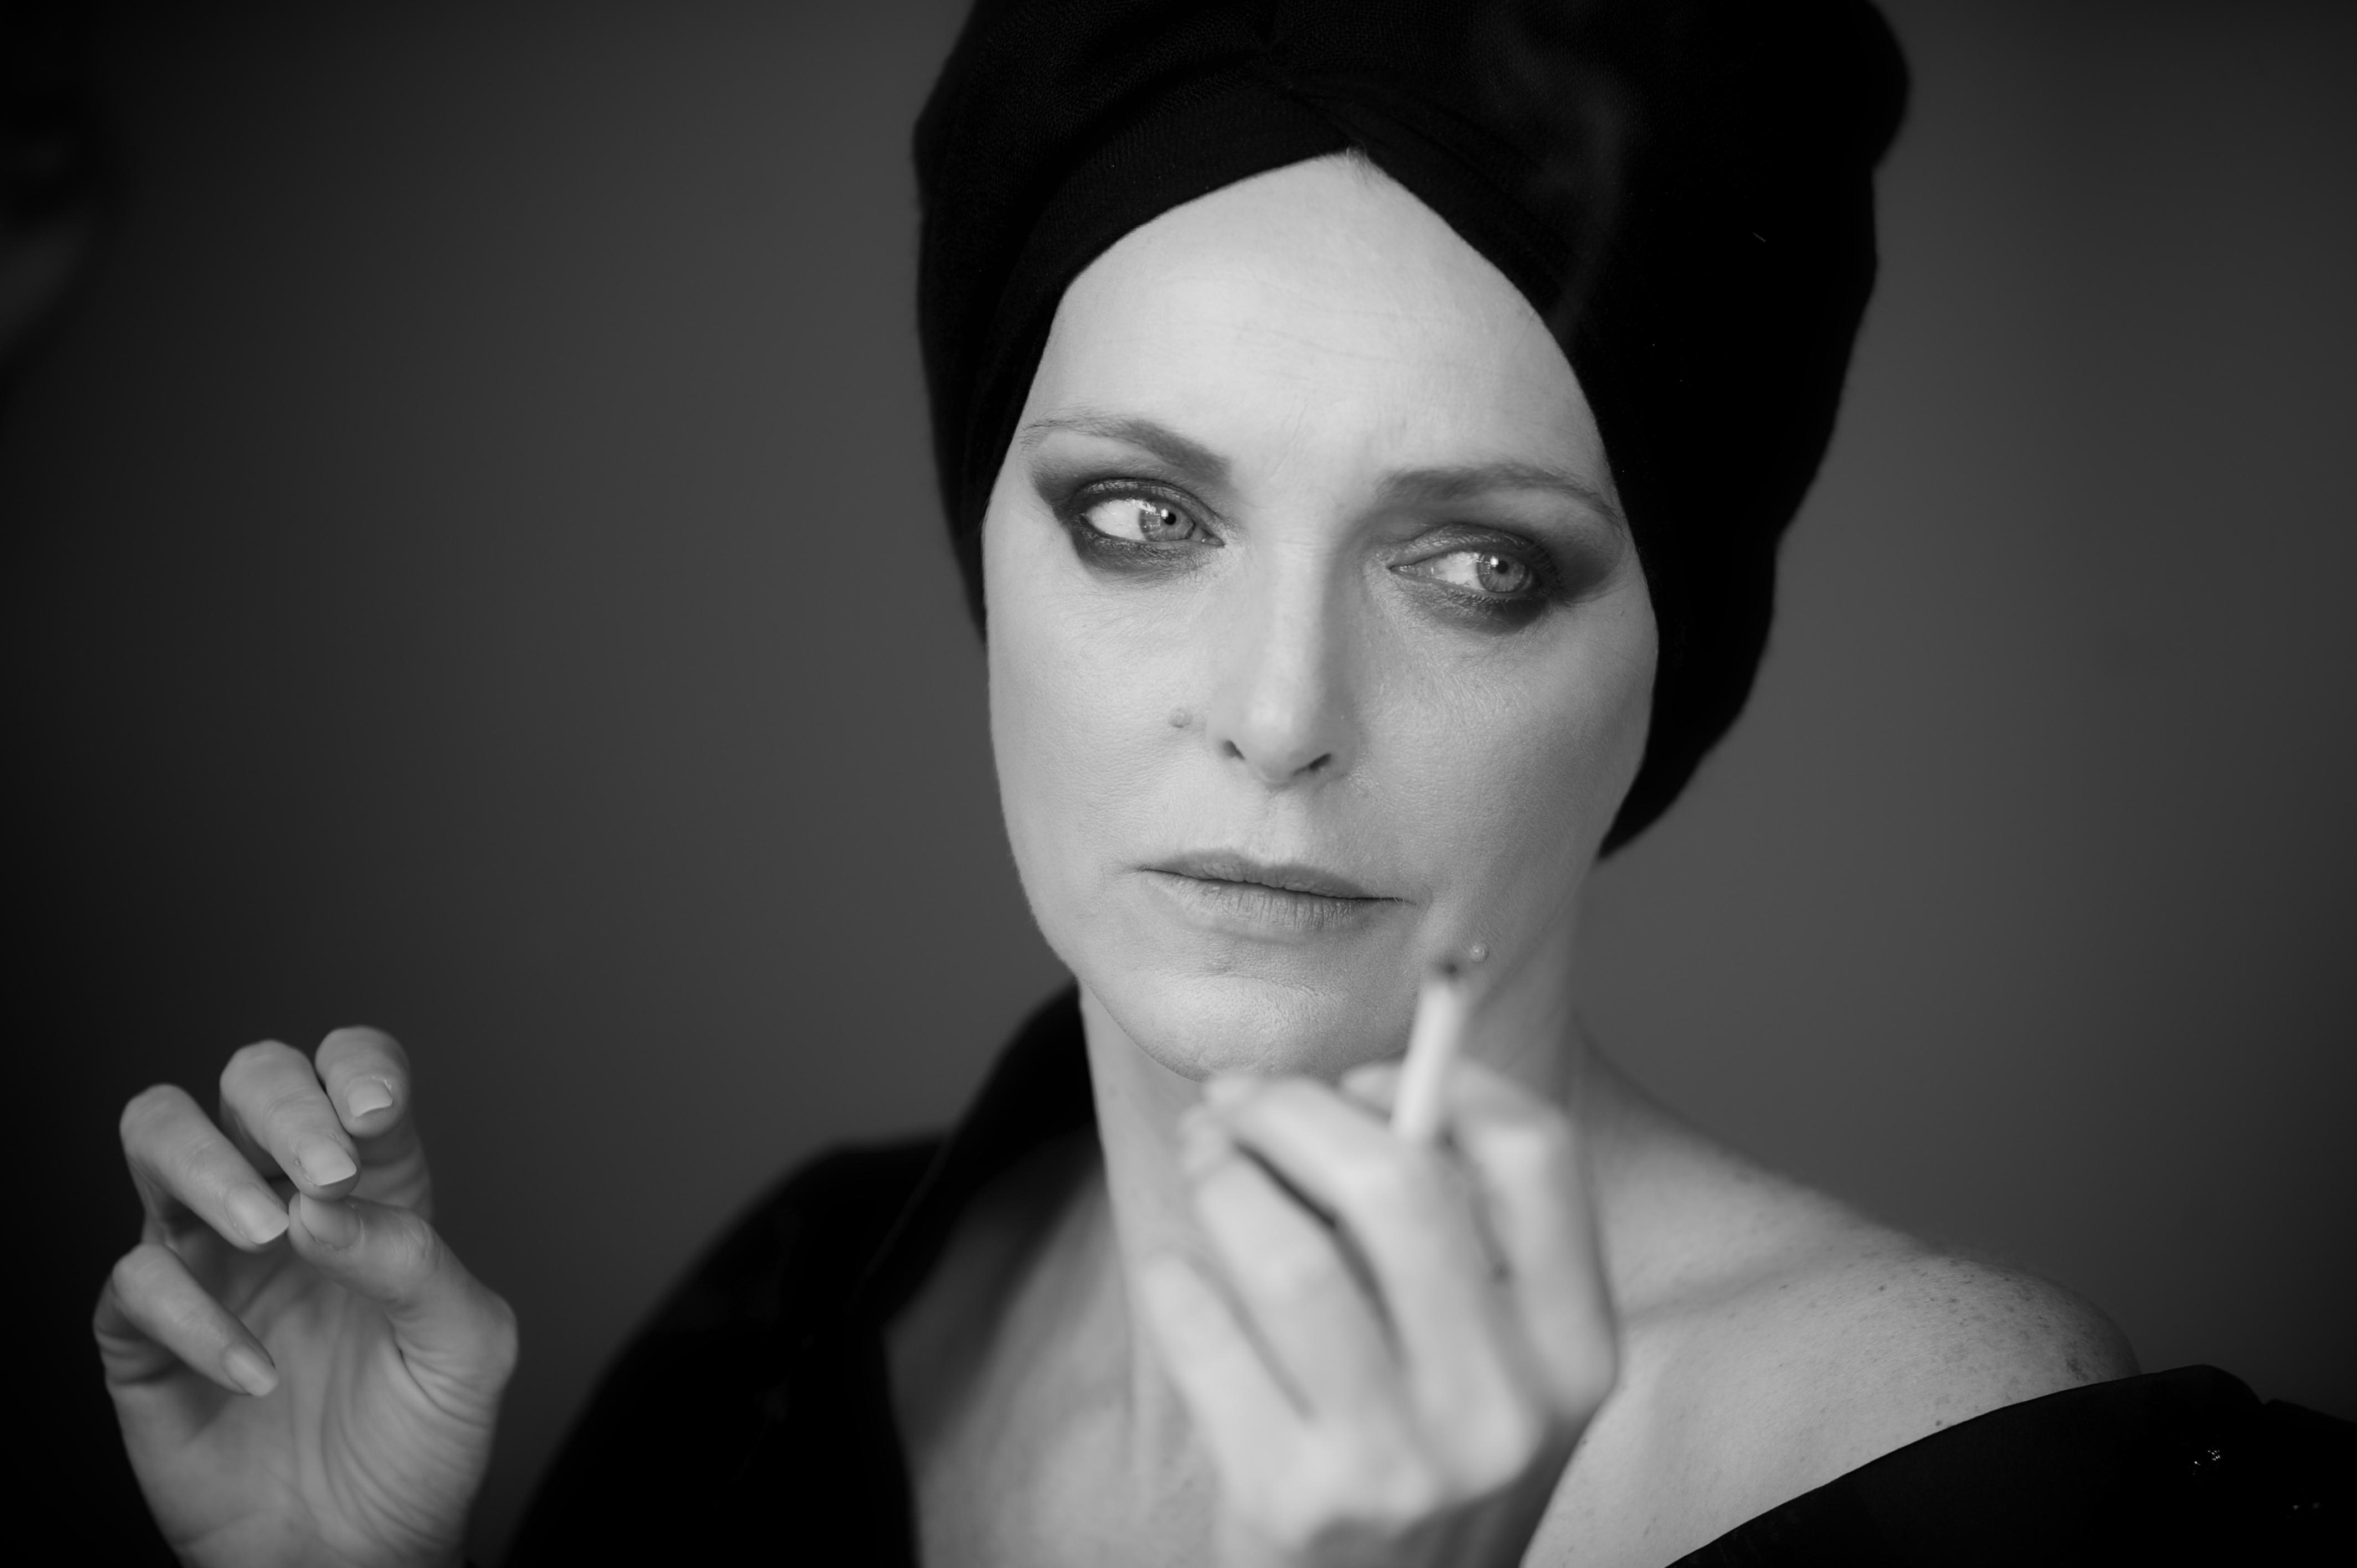 Simonetta_Gianfelici_portrait©SoniaMaccari